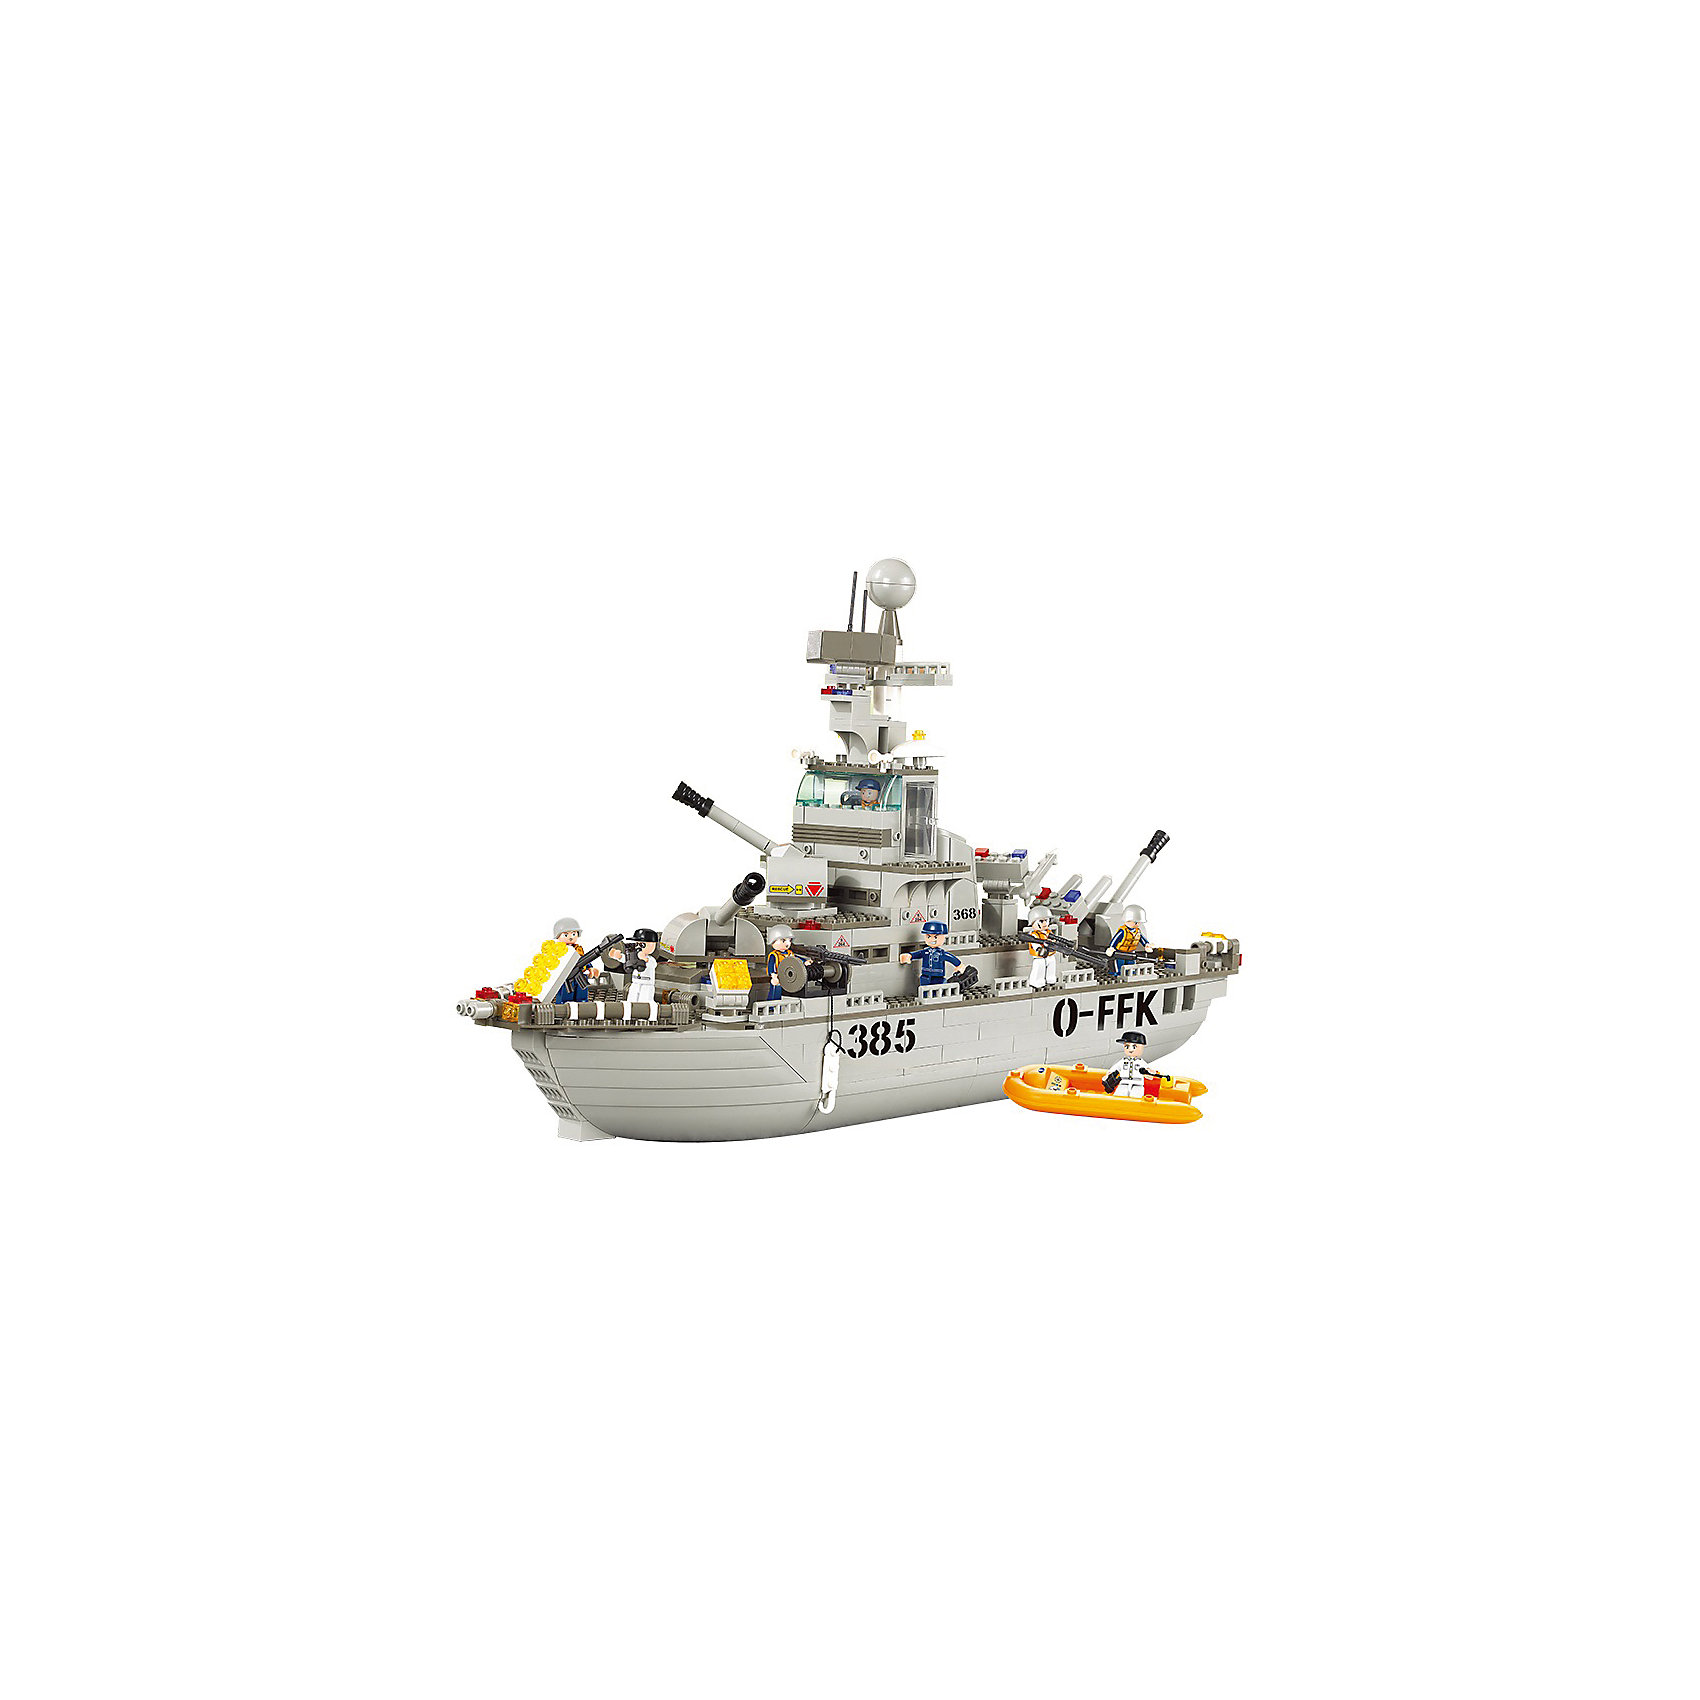 Конструктор Военно-морская серия: Спасательная операция, SlubanКонструкторы<br>В наборе: корабль, спасательная лодка, фигурки людей, 577 деталей<br><br>Ширина мм: 545<br>Глубина мм: 425<br>Высота мм: 85<br>Вес г: 2830<br>Возраст от месяцев: 72<br>Возраст до месяцев: 1188<br>Пол: Мужской<br>Возраст: Детский<br>SKU: 5005637